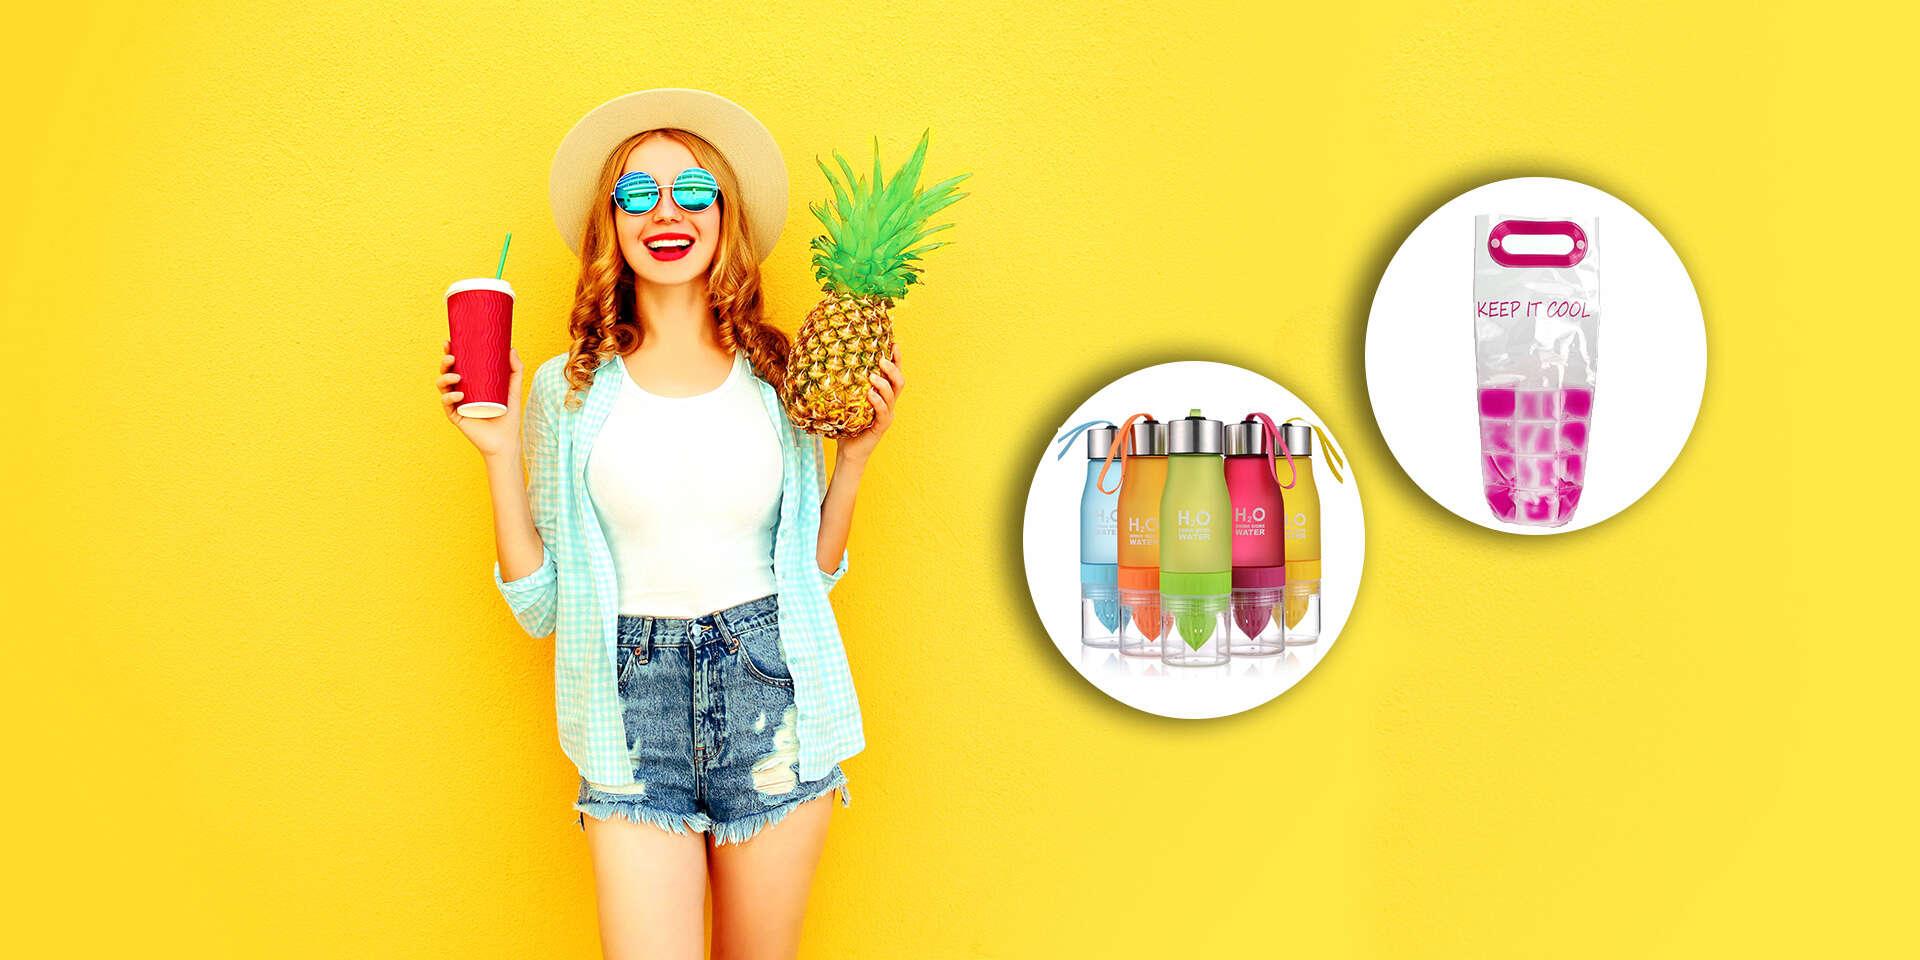 H20 fľaša s odšťavovačom na citrusy alebo termotaška na nápoje s gélom